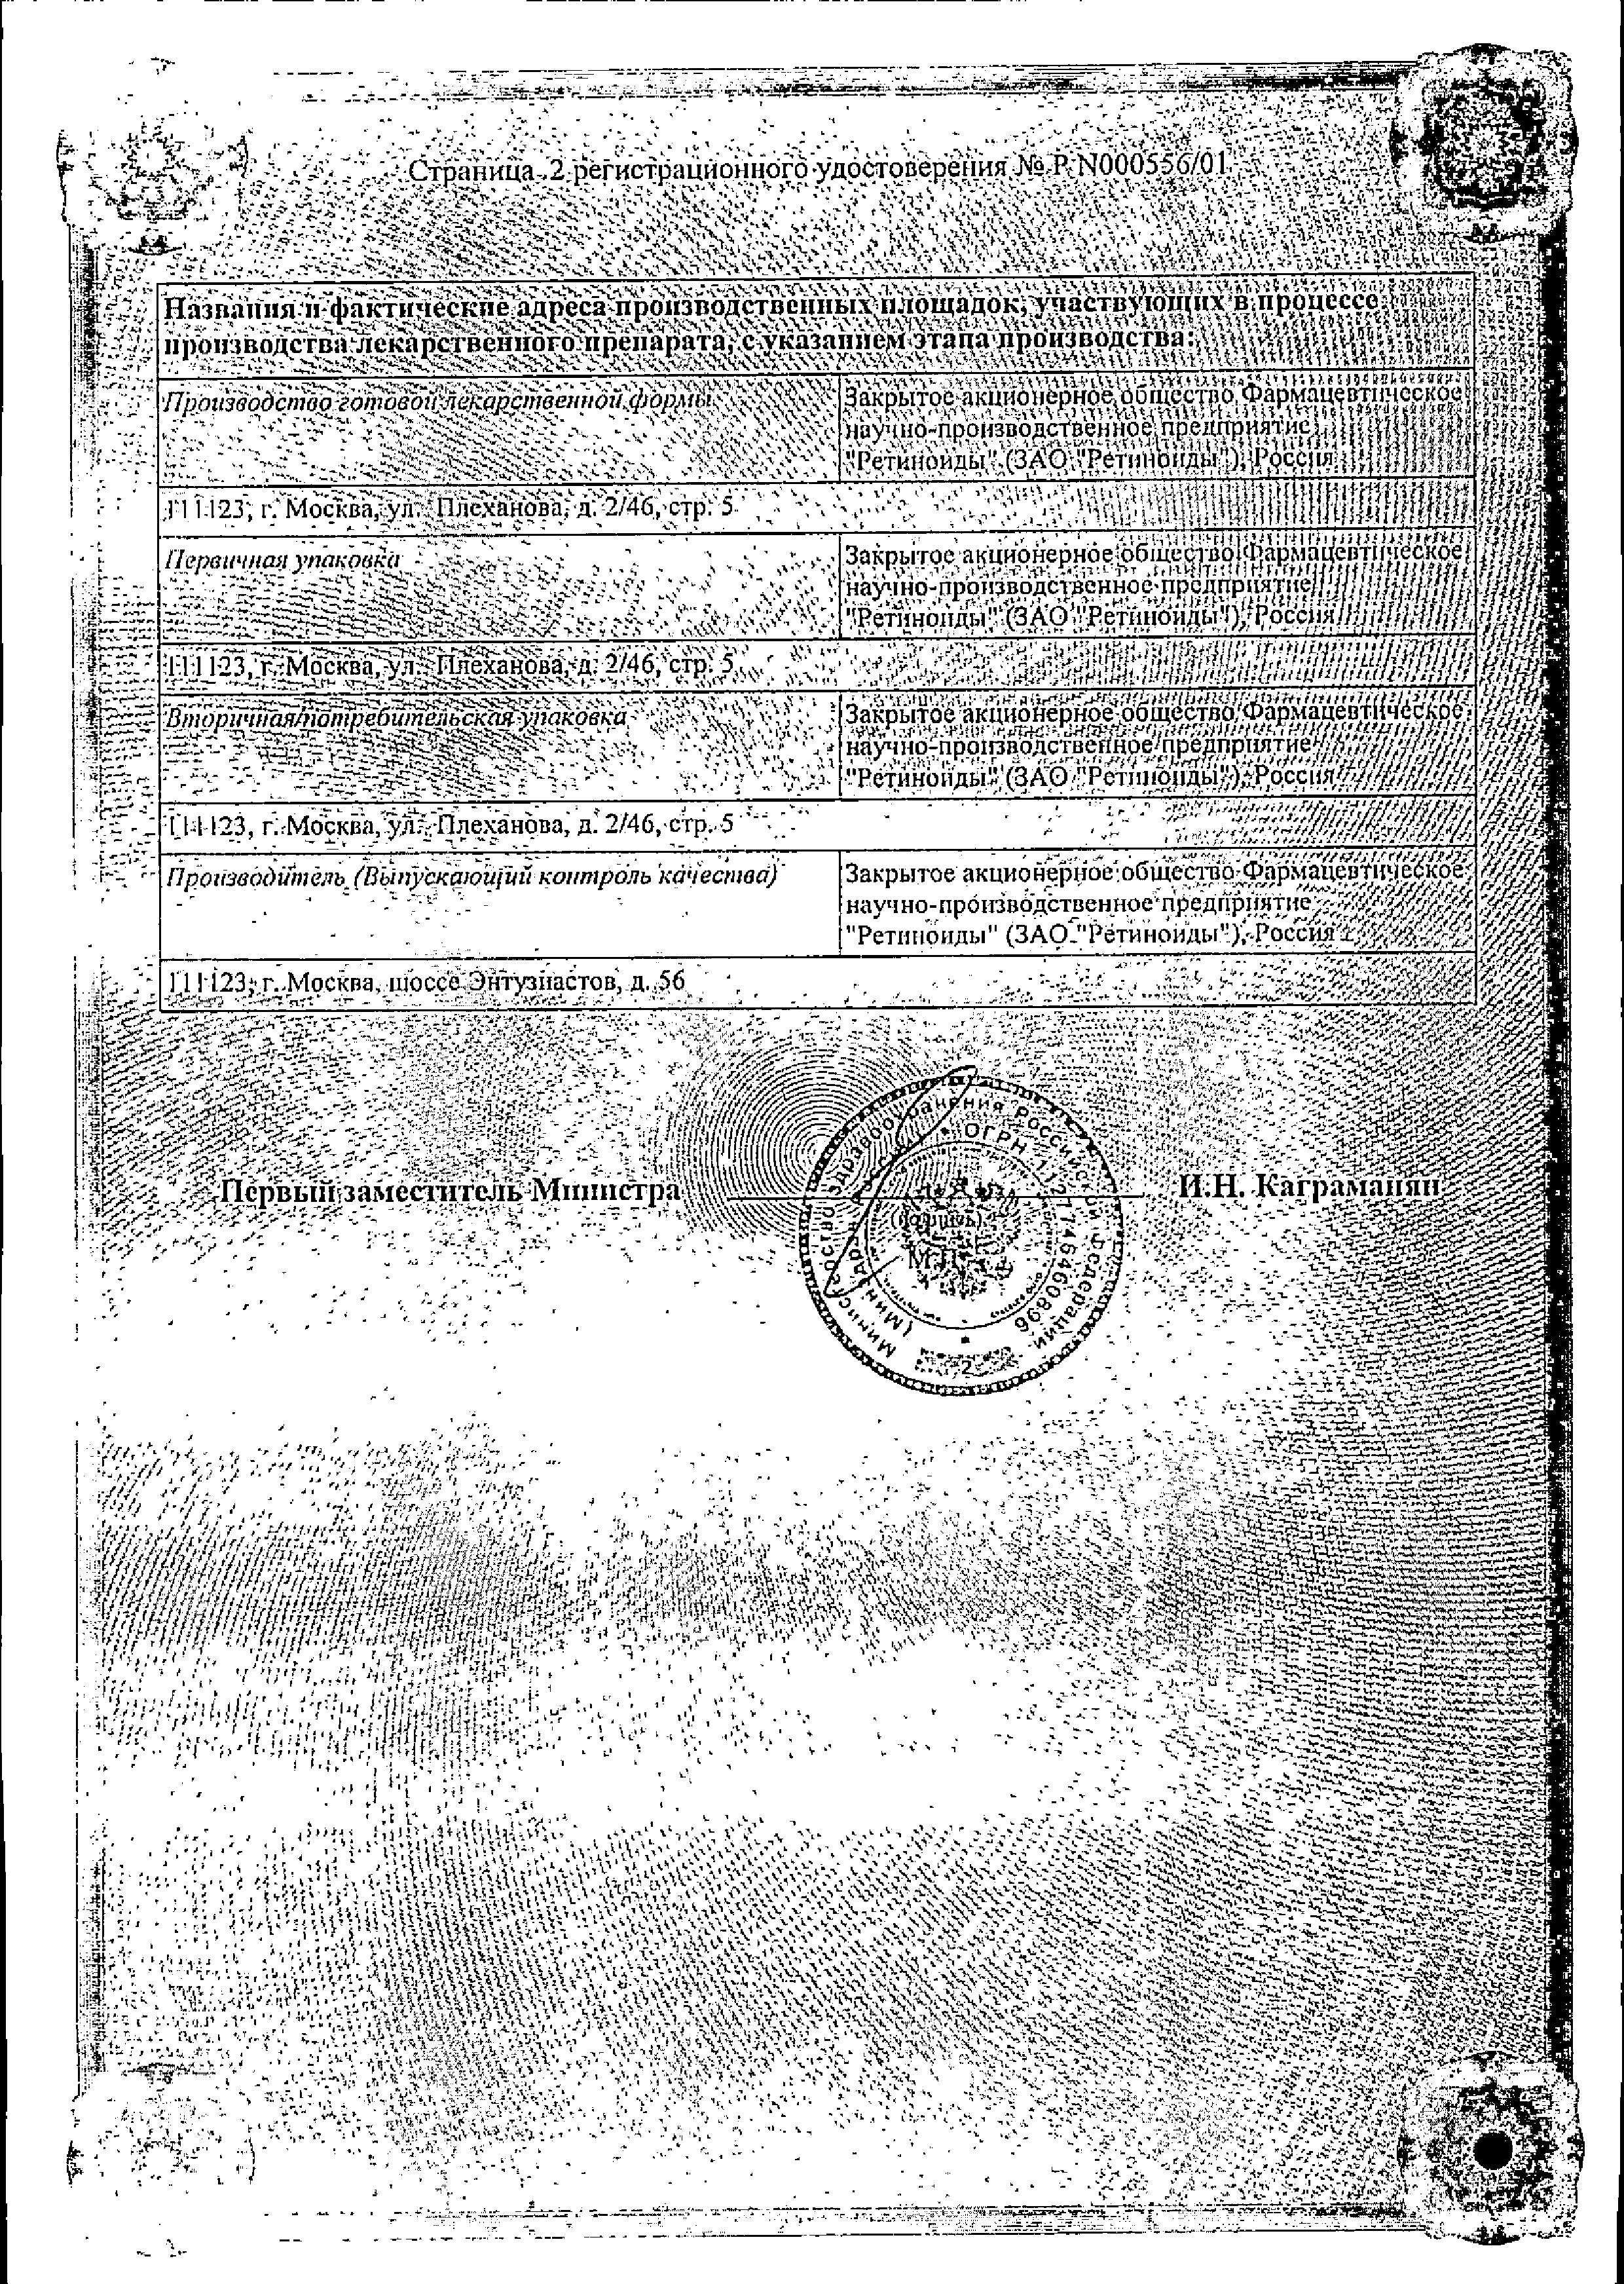 Ретиноевая мазь сертификат